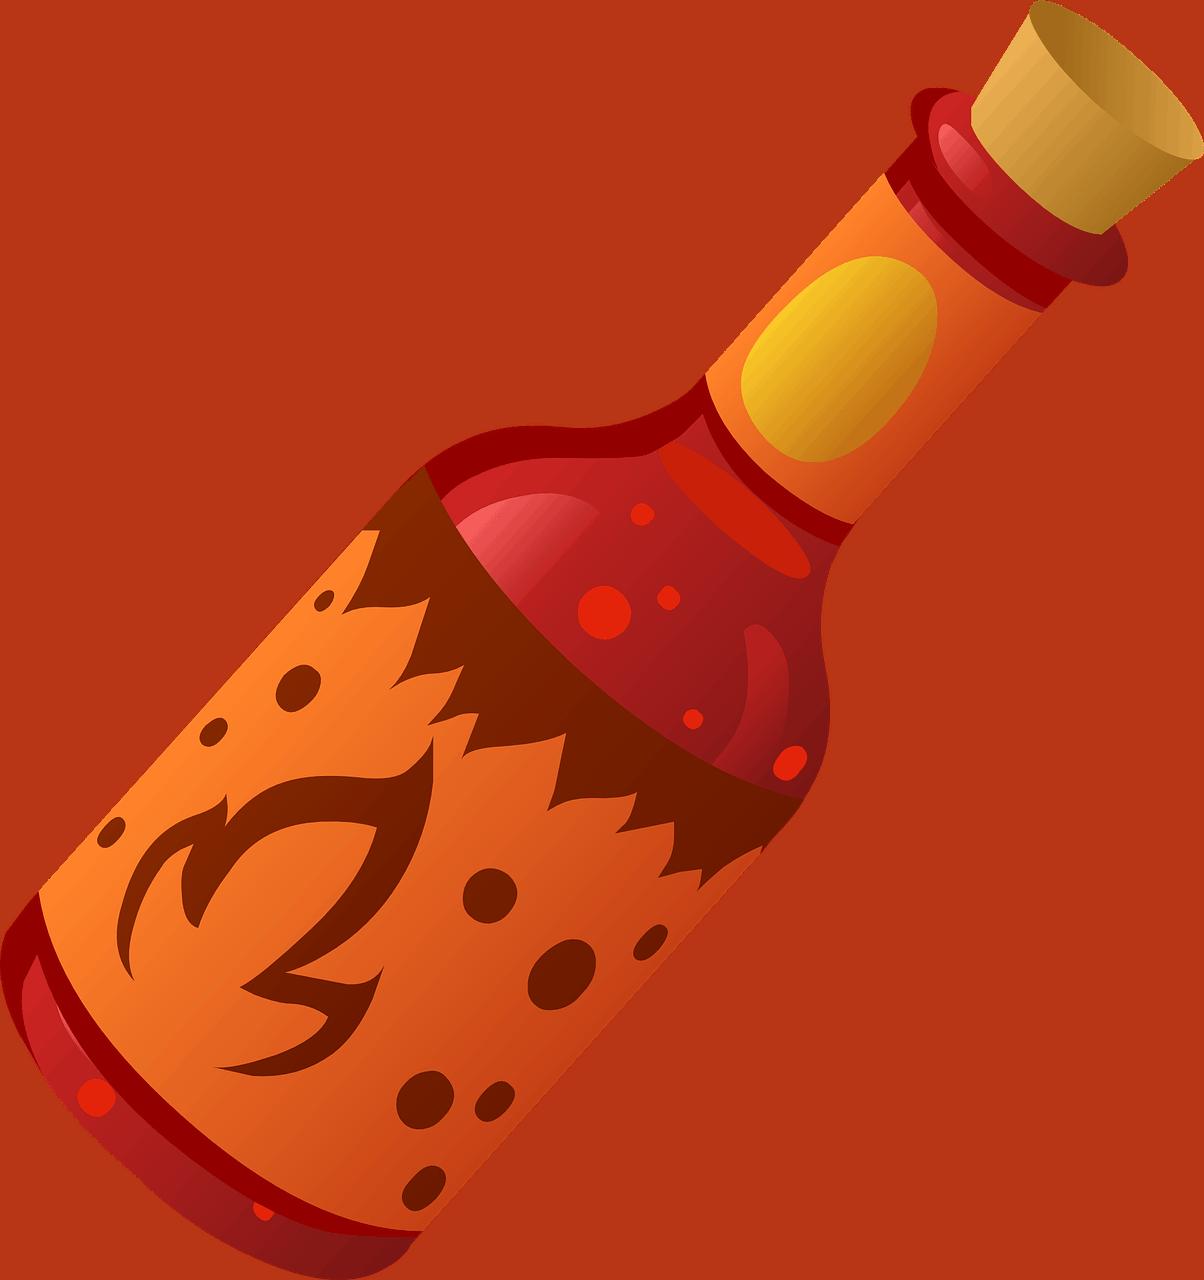 Hot Sauce